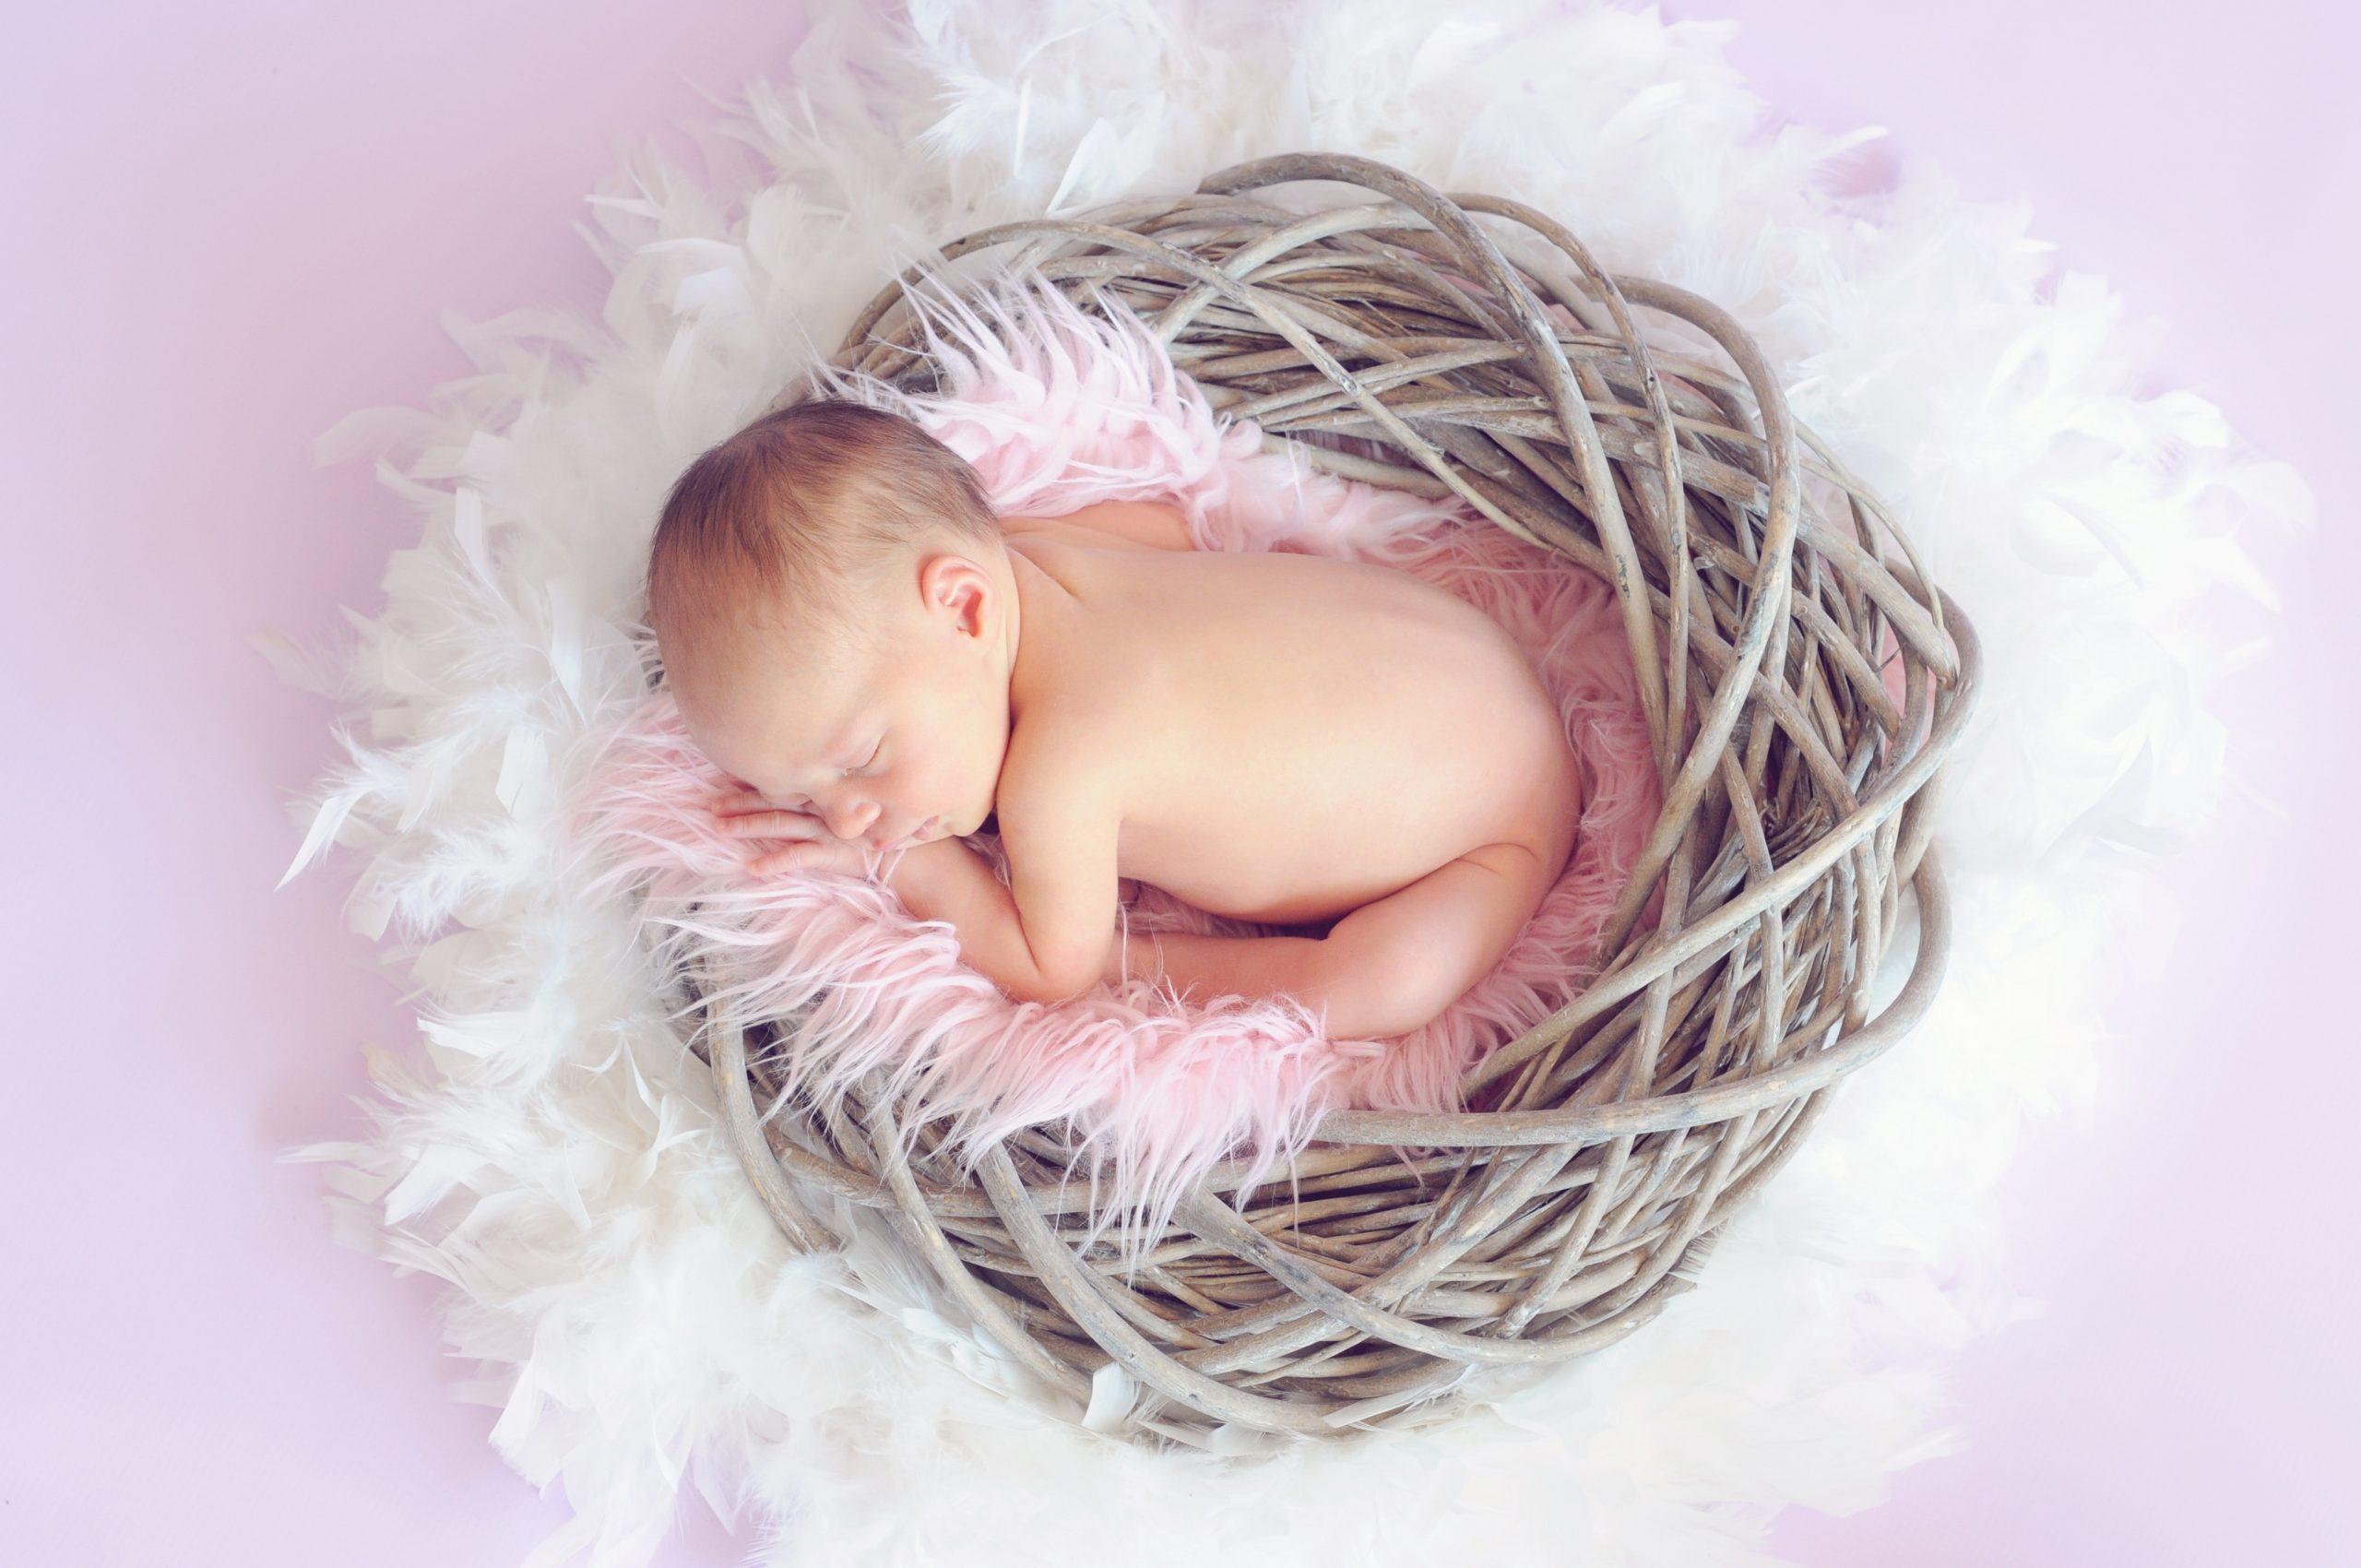 Redutor de berço: Como escolher o melhor ninho para o seu bebê em 2020